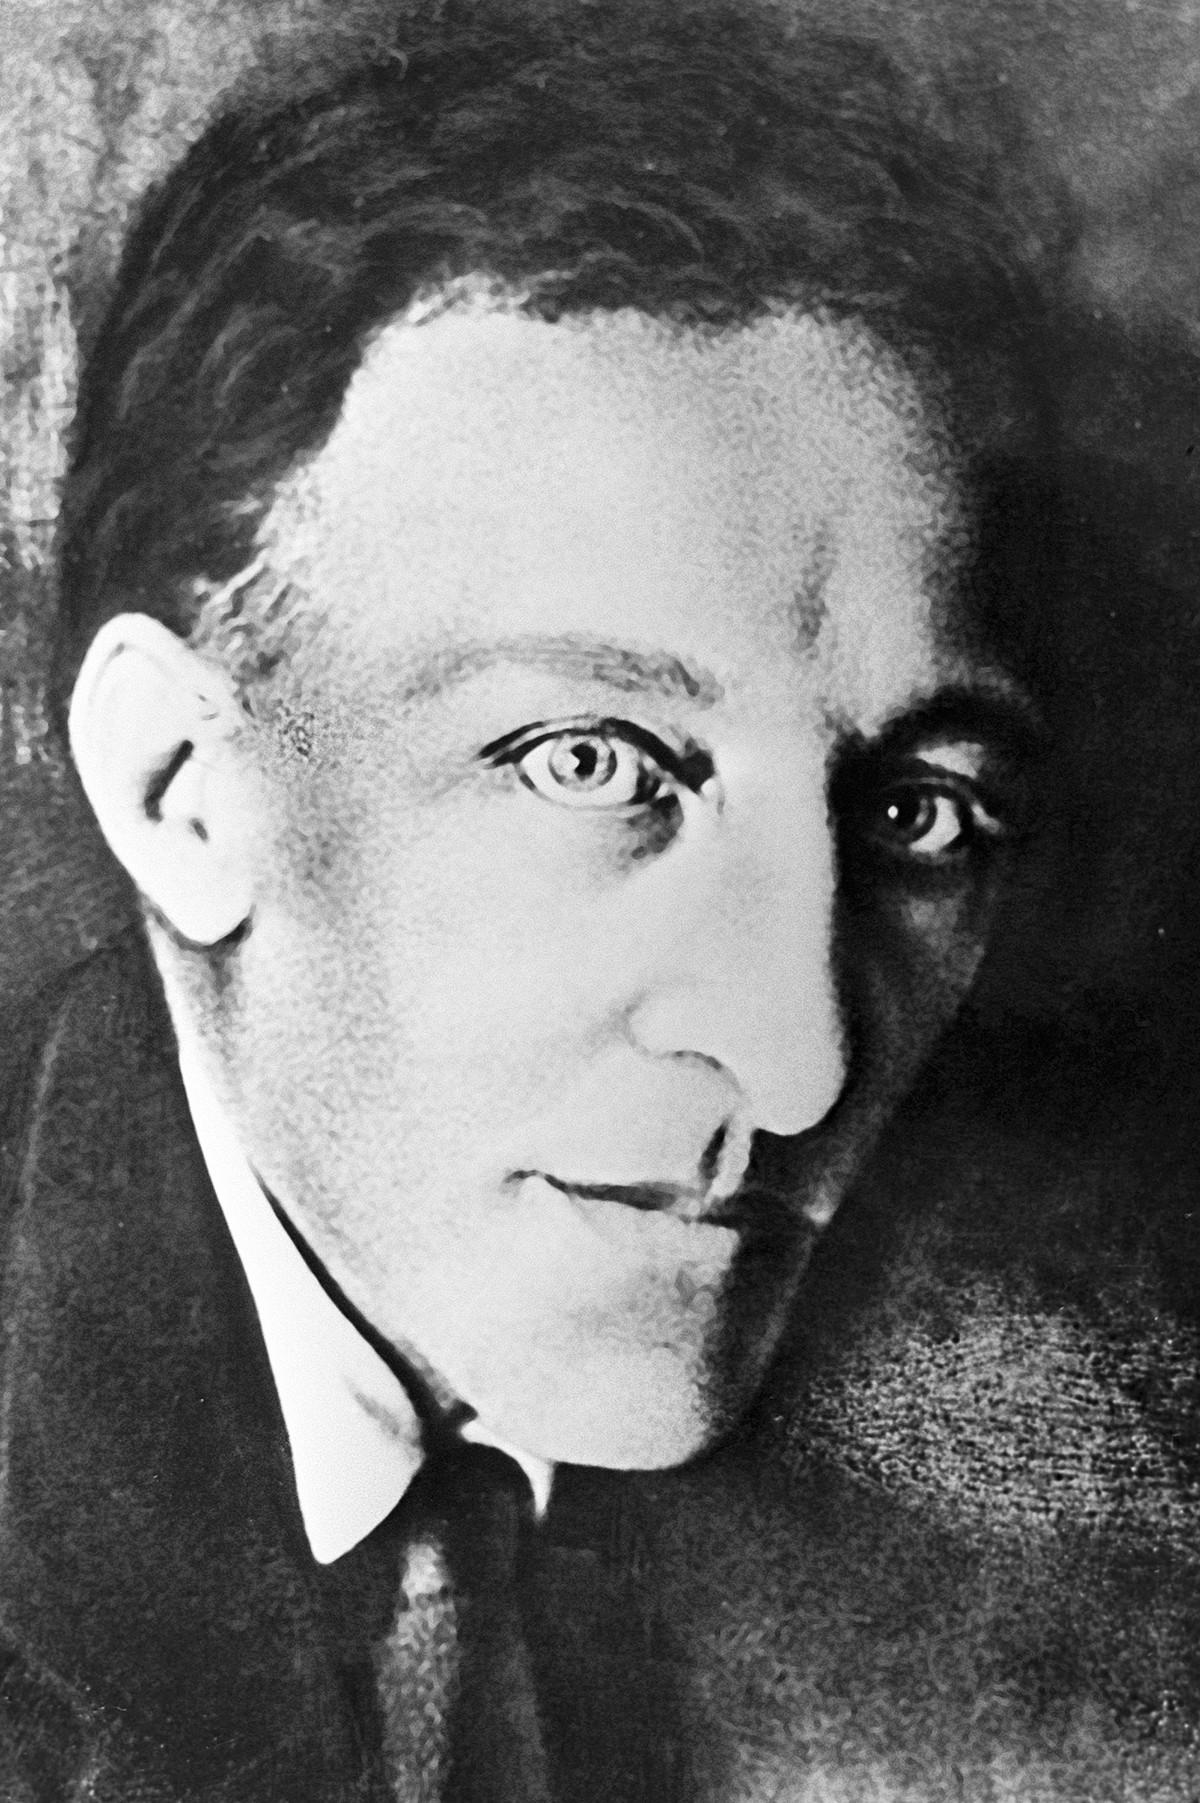 アレクサンドル・ブローク、1920年